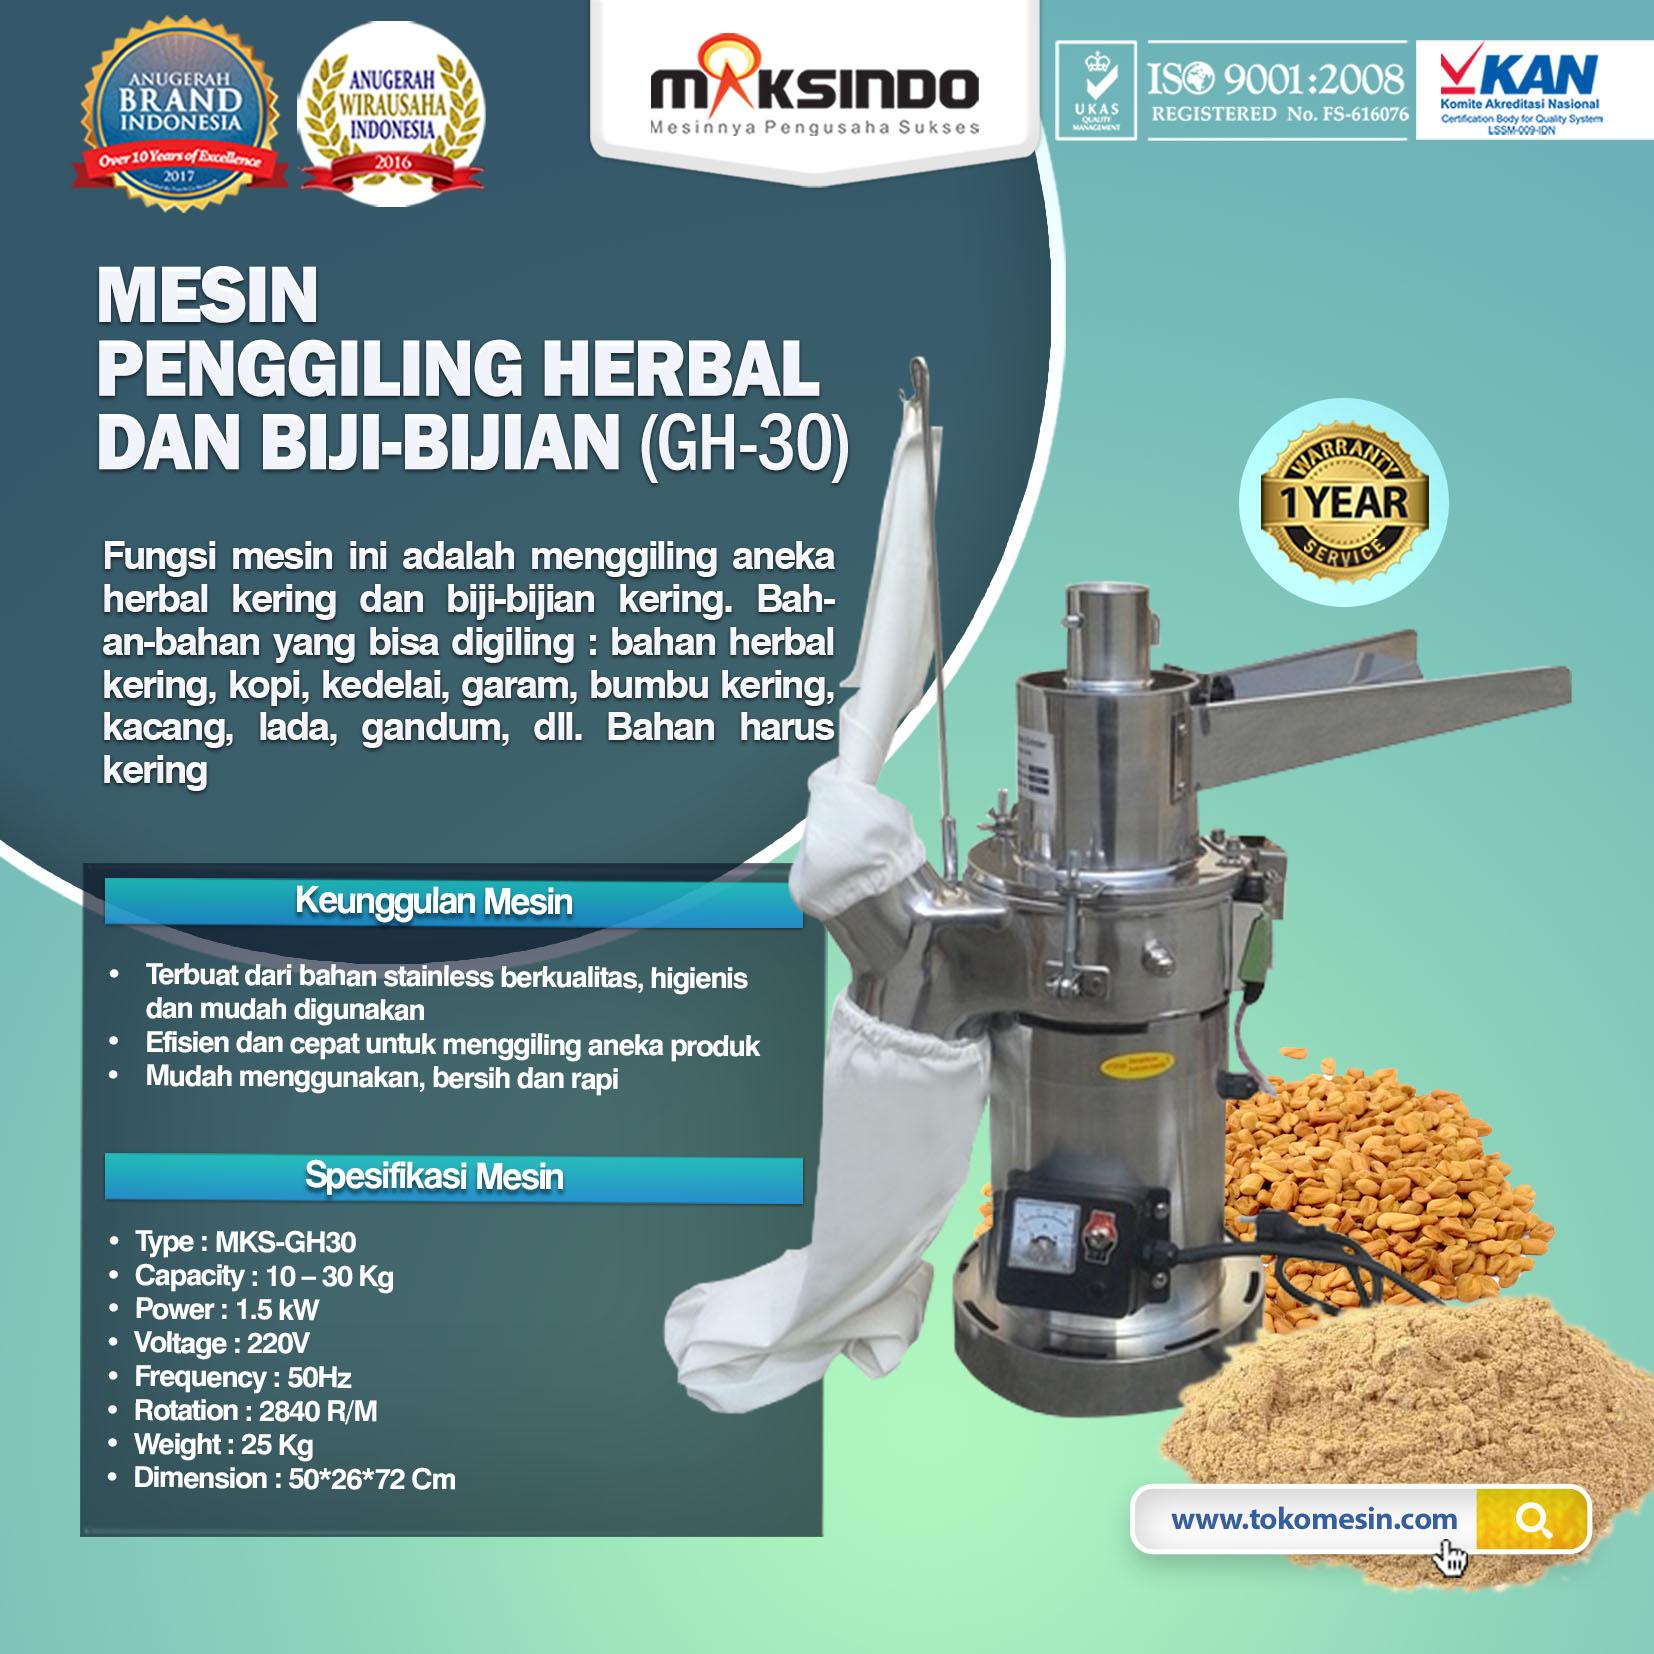 Penggiling Herbal dan Biji-Bijian (GH-30)